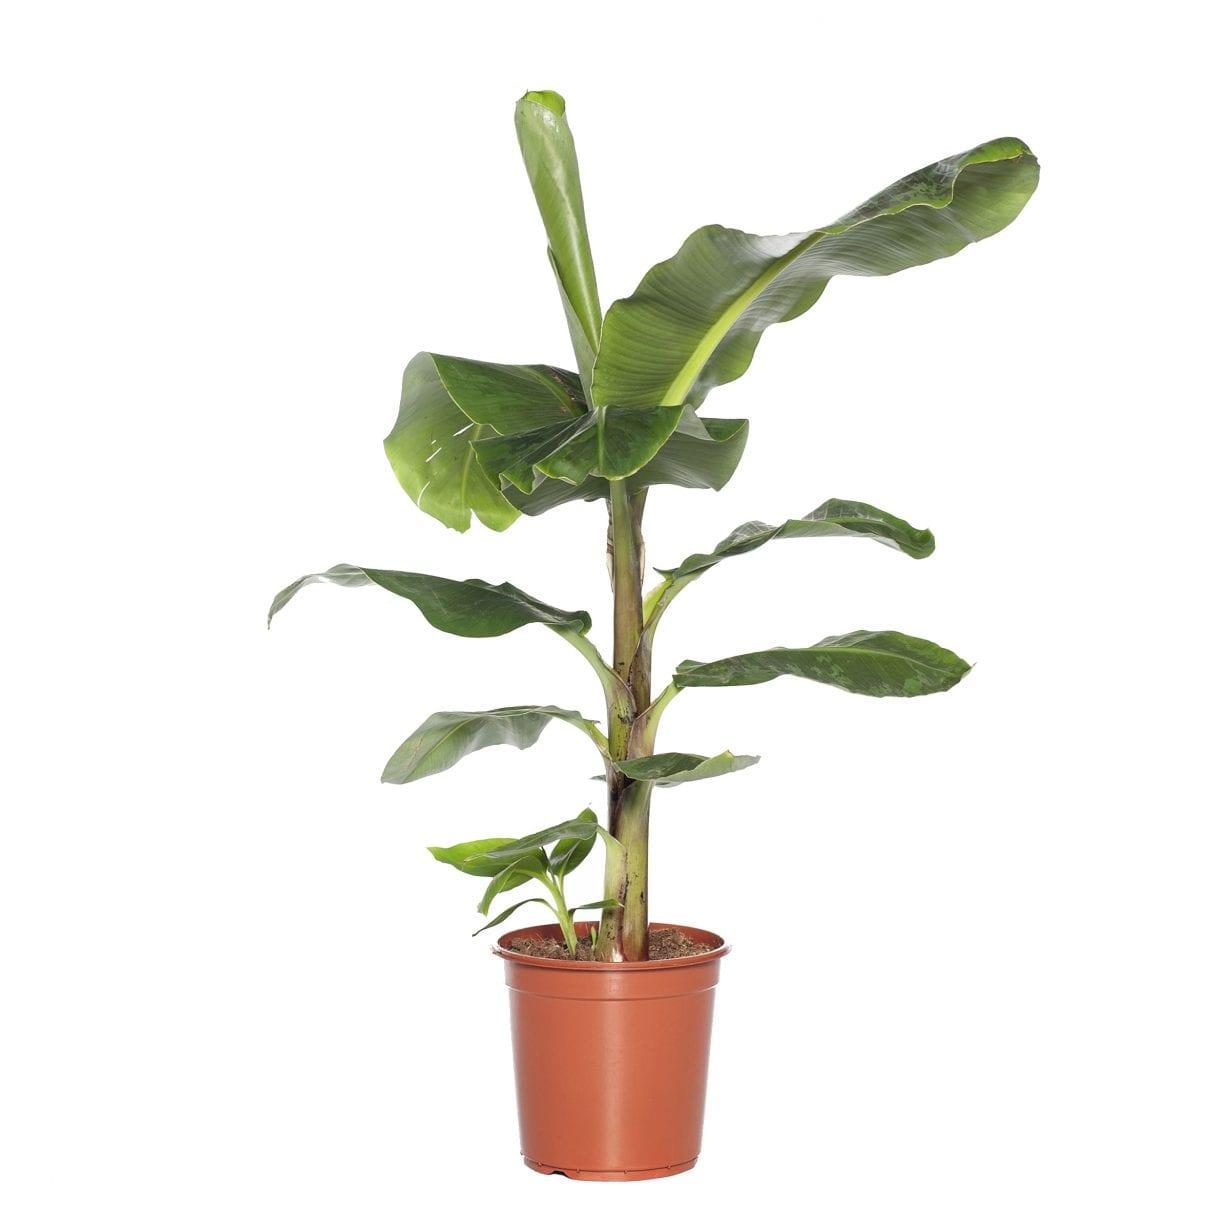 Bananenplant (Musa dwarf)